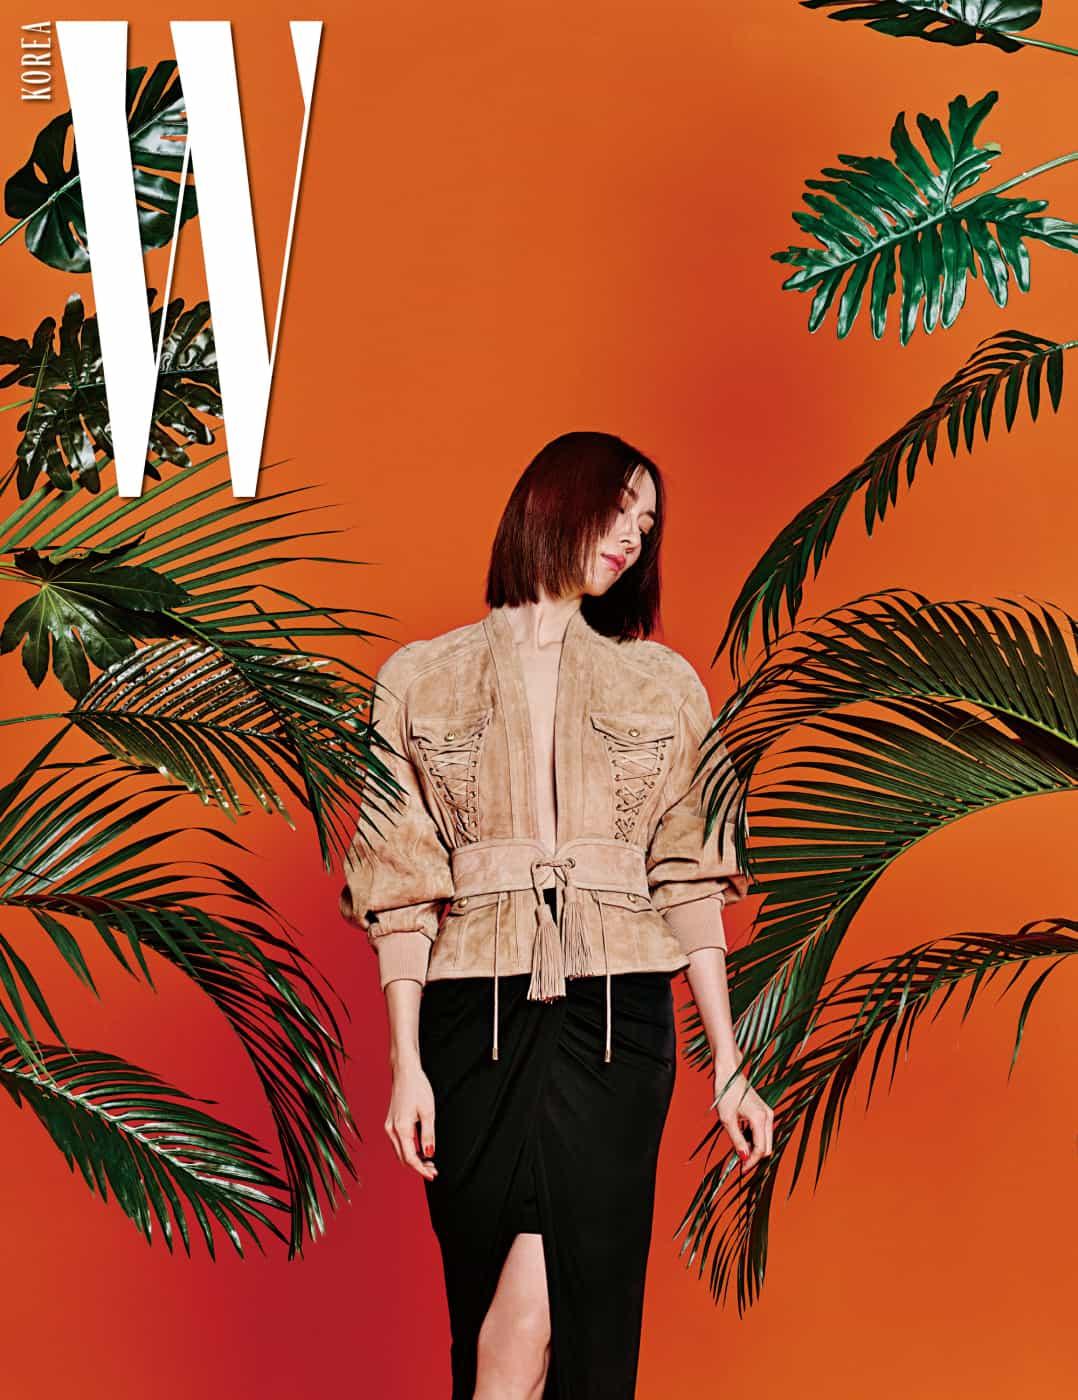 지현정이 착용한 레이스업 디테일의 스웨이드 재킷과 태슬 장식 벨트, 랩스커트는 모두 Balmain 제품.